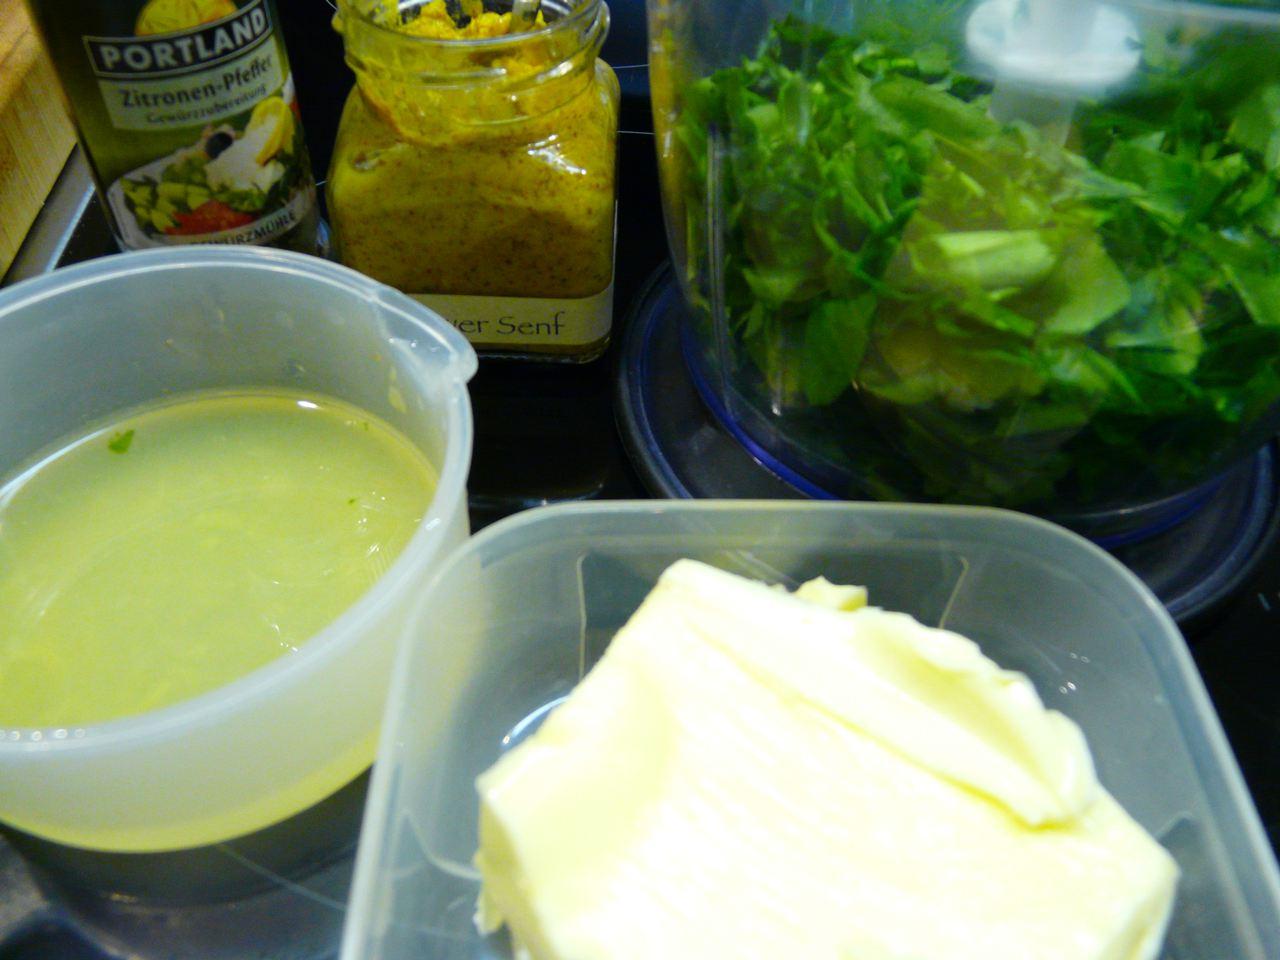 Zutaten für Bärlauchbutter, Zitronensaft, Zitronenpfeffer, Chilisalz, Butter, Bärlauch, Räucherknoblauch